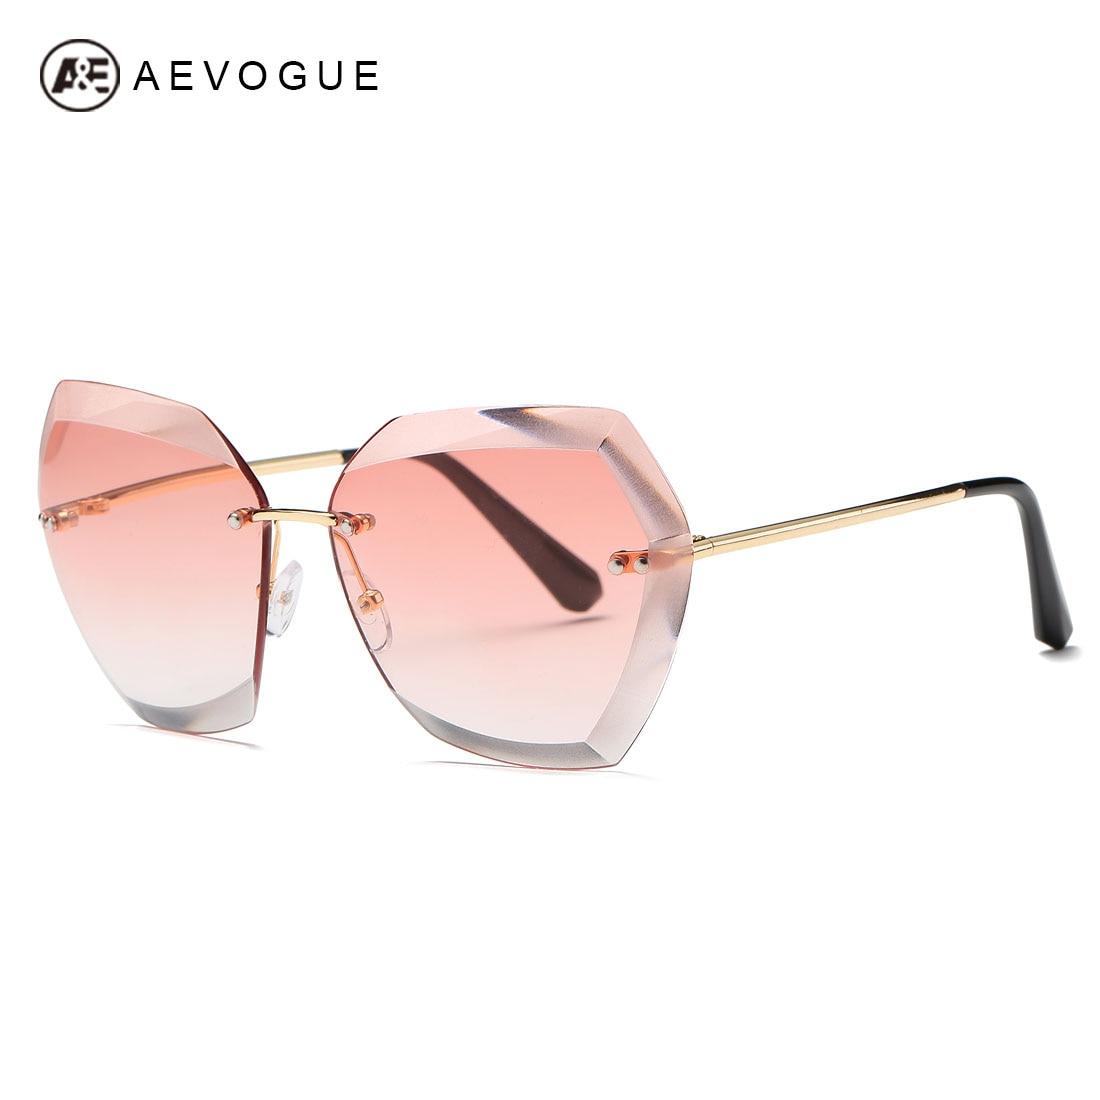 aa1379a02a AEVOGUE gafas de sol para mujer Ojo de gato sin montura de diamante de  corte de